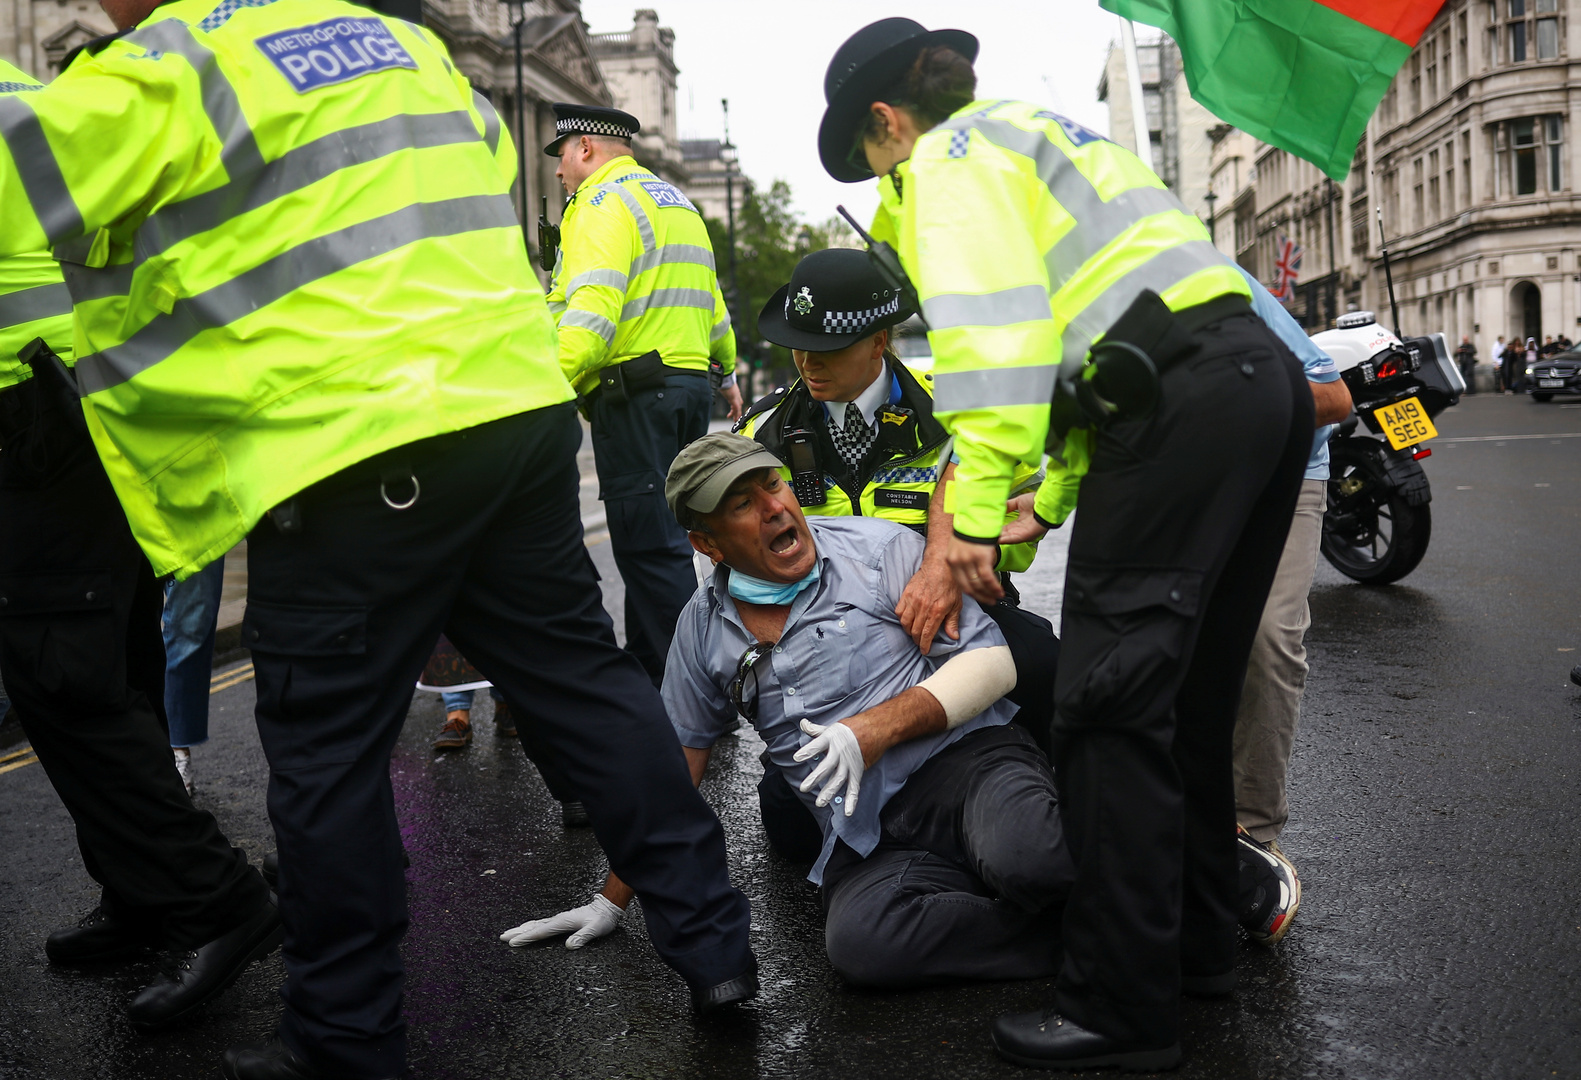 جونسون يتعرض لحادث سير أمام البرلمان البريطاني (بالصور)